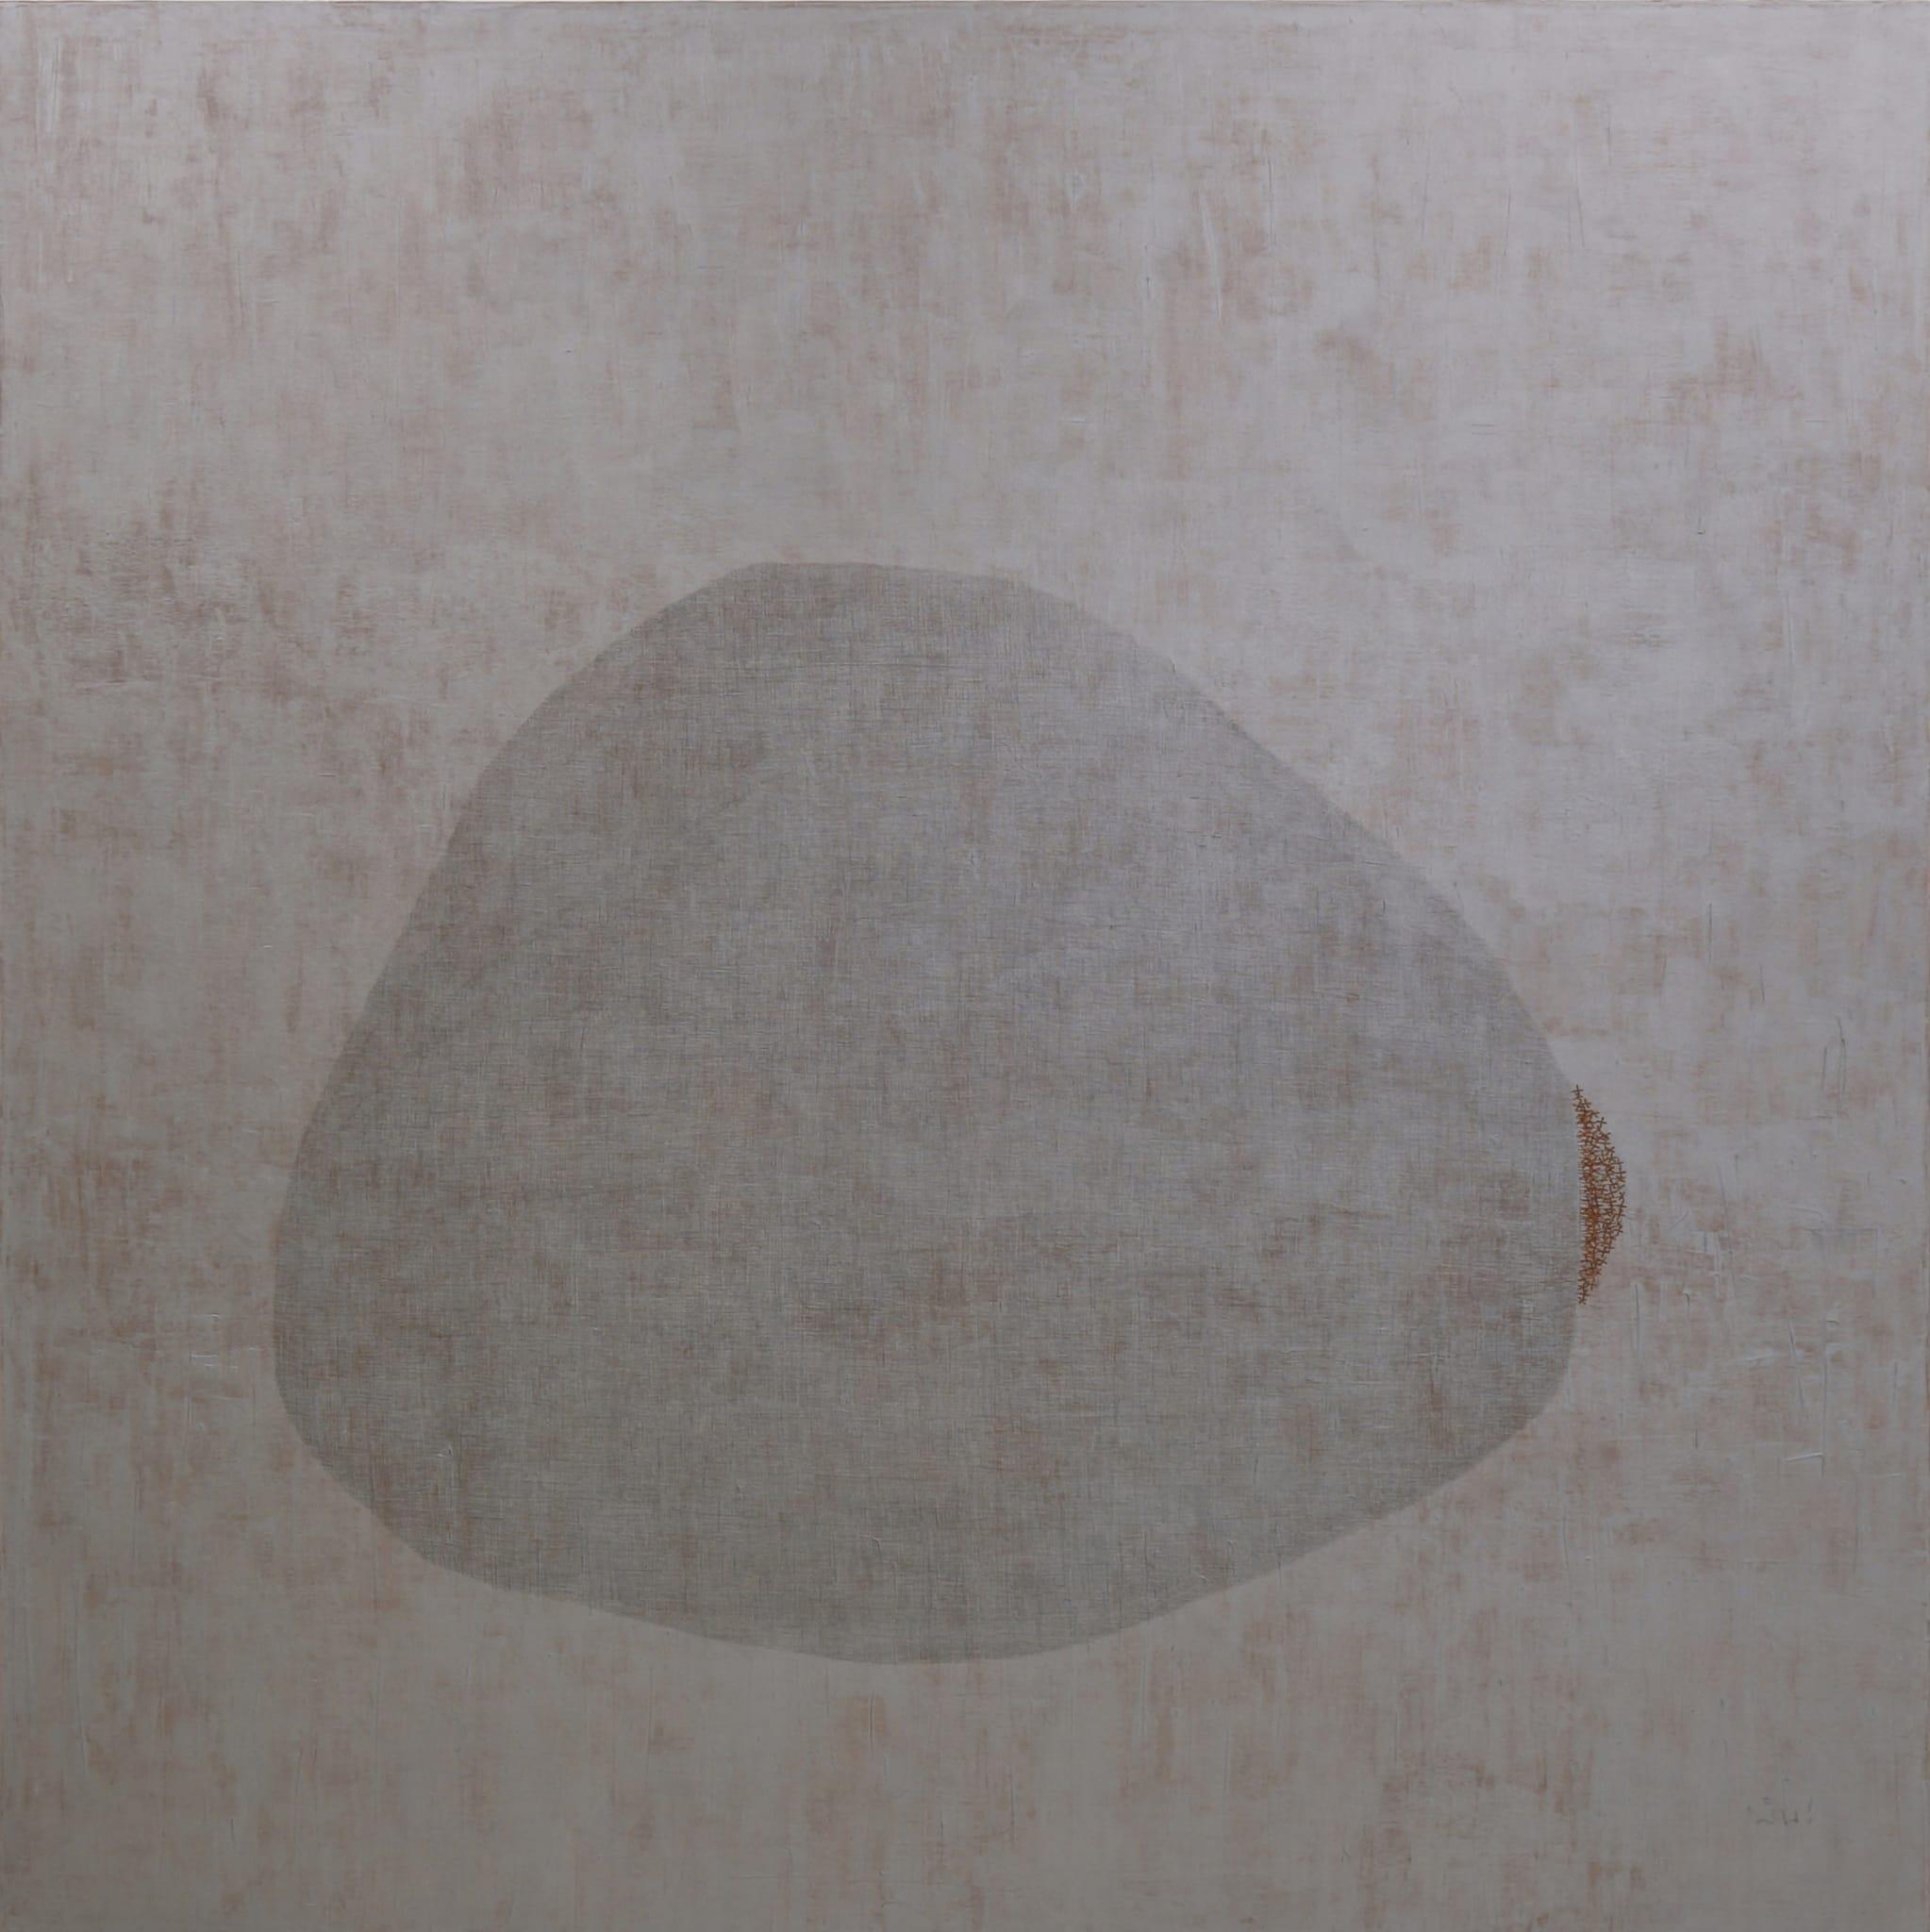 seeds II by Pinaree Sanpitak